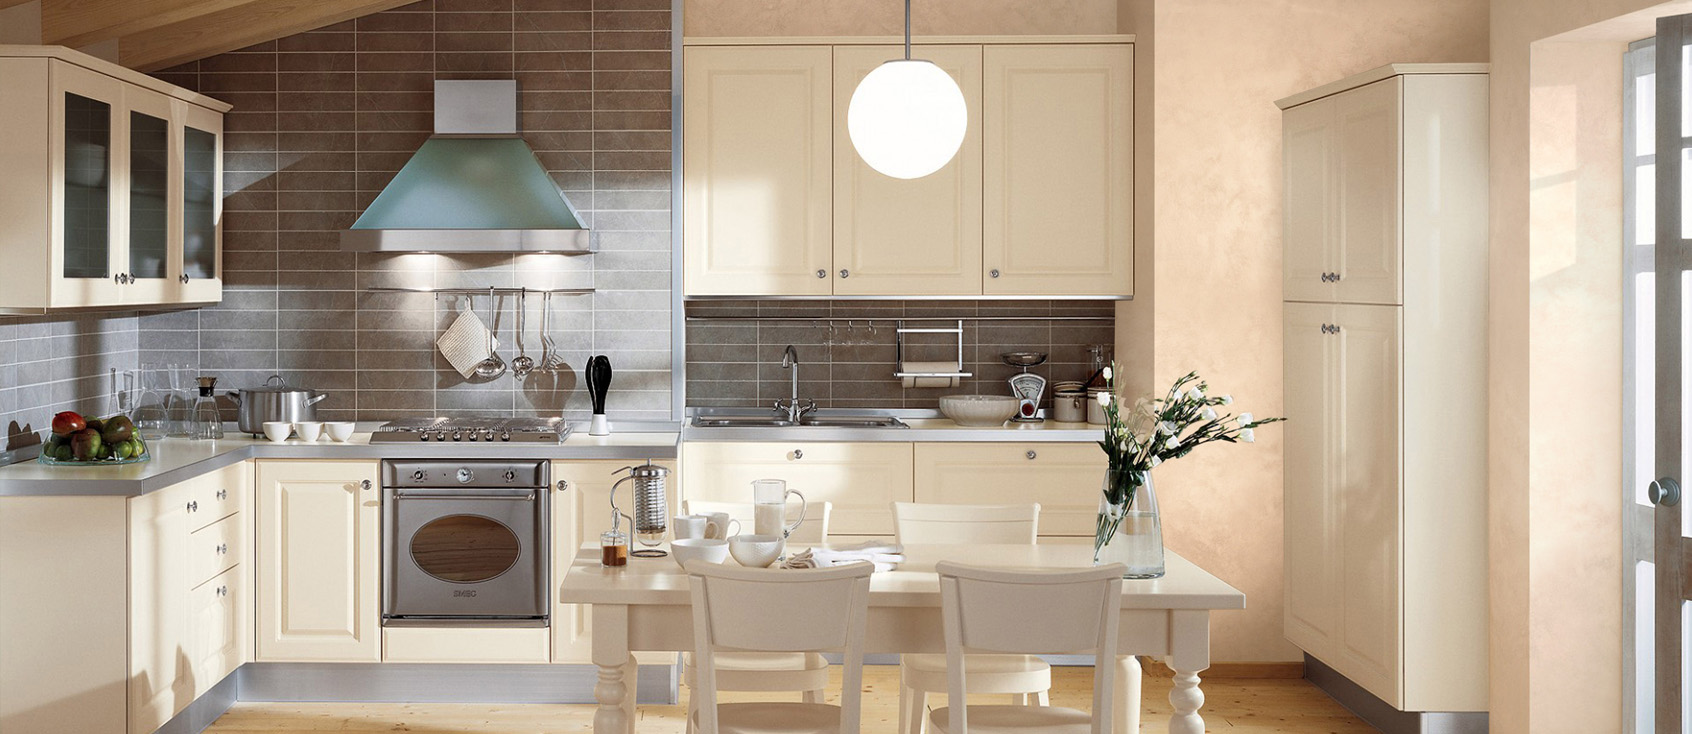 Персиковая шпаклевка в отделке кухни